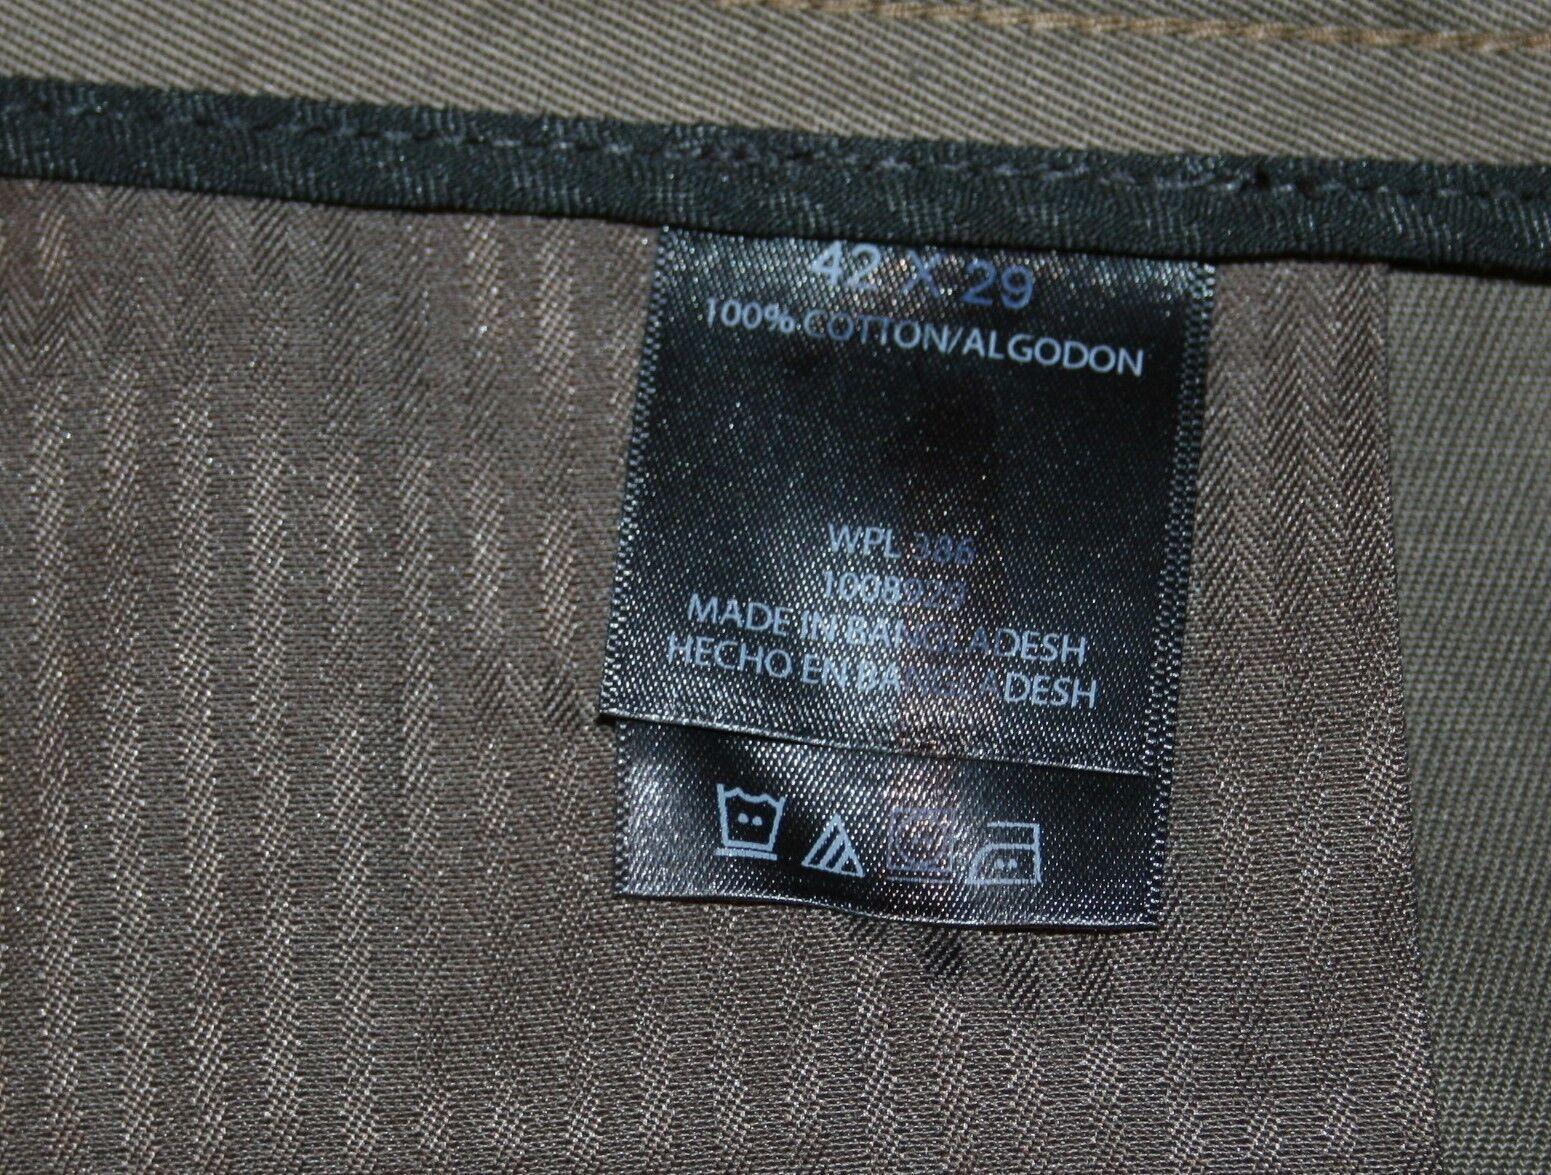 Haggar H26 Komfort Größe Hose Sz 43 43 43 X 29 Braun Herren Nwt Neu Kleid Glatt Vorne | Online Shop  | Auf Verkauf  | New Style  | Outlet Store  | Kaufen Sie beruhigt und glücklich spielen  2a1abd